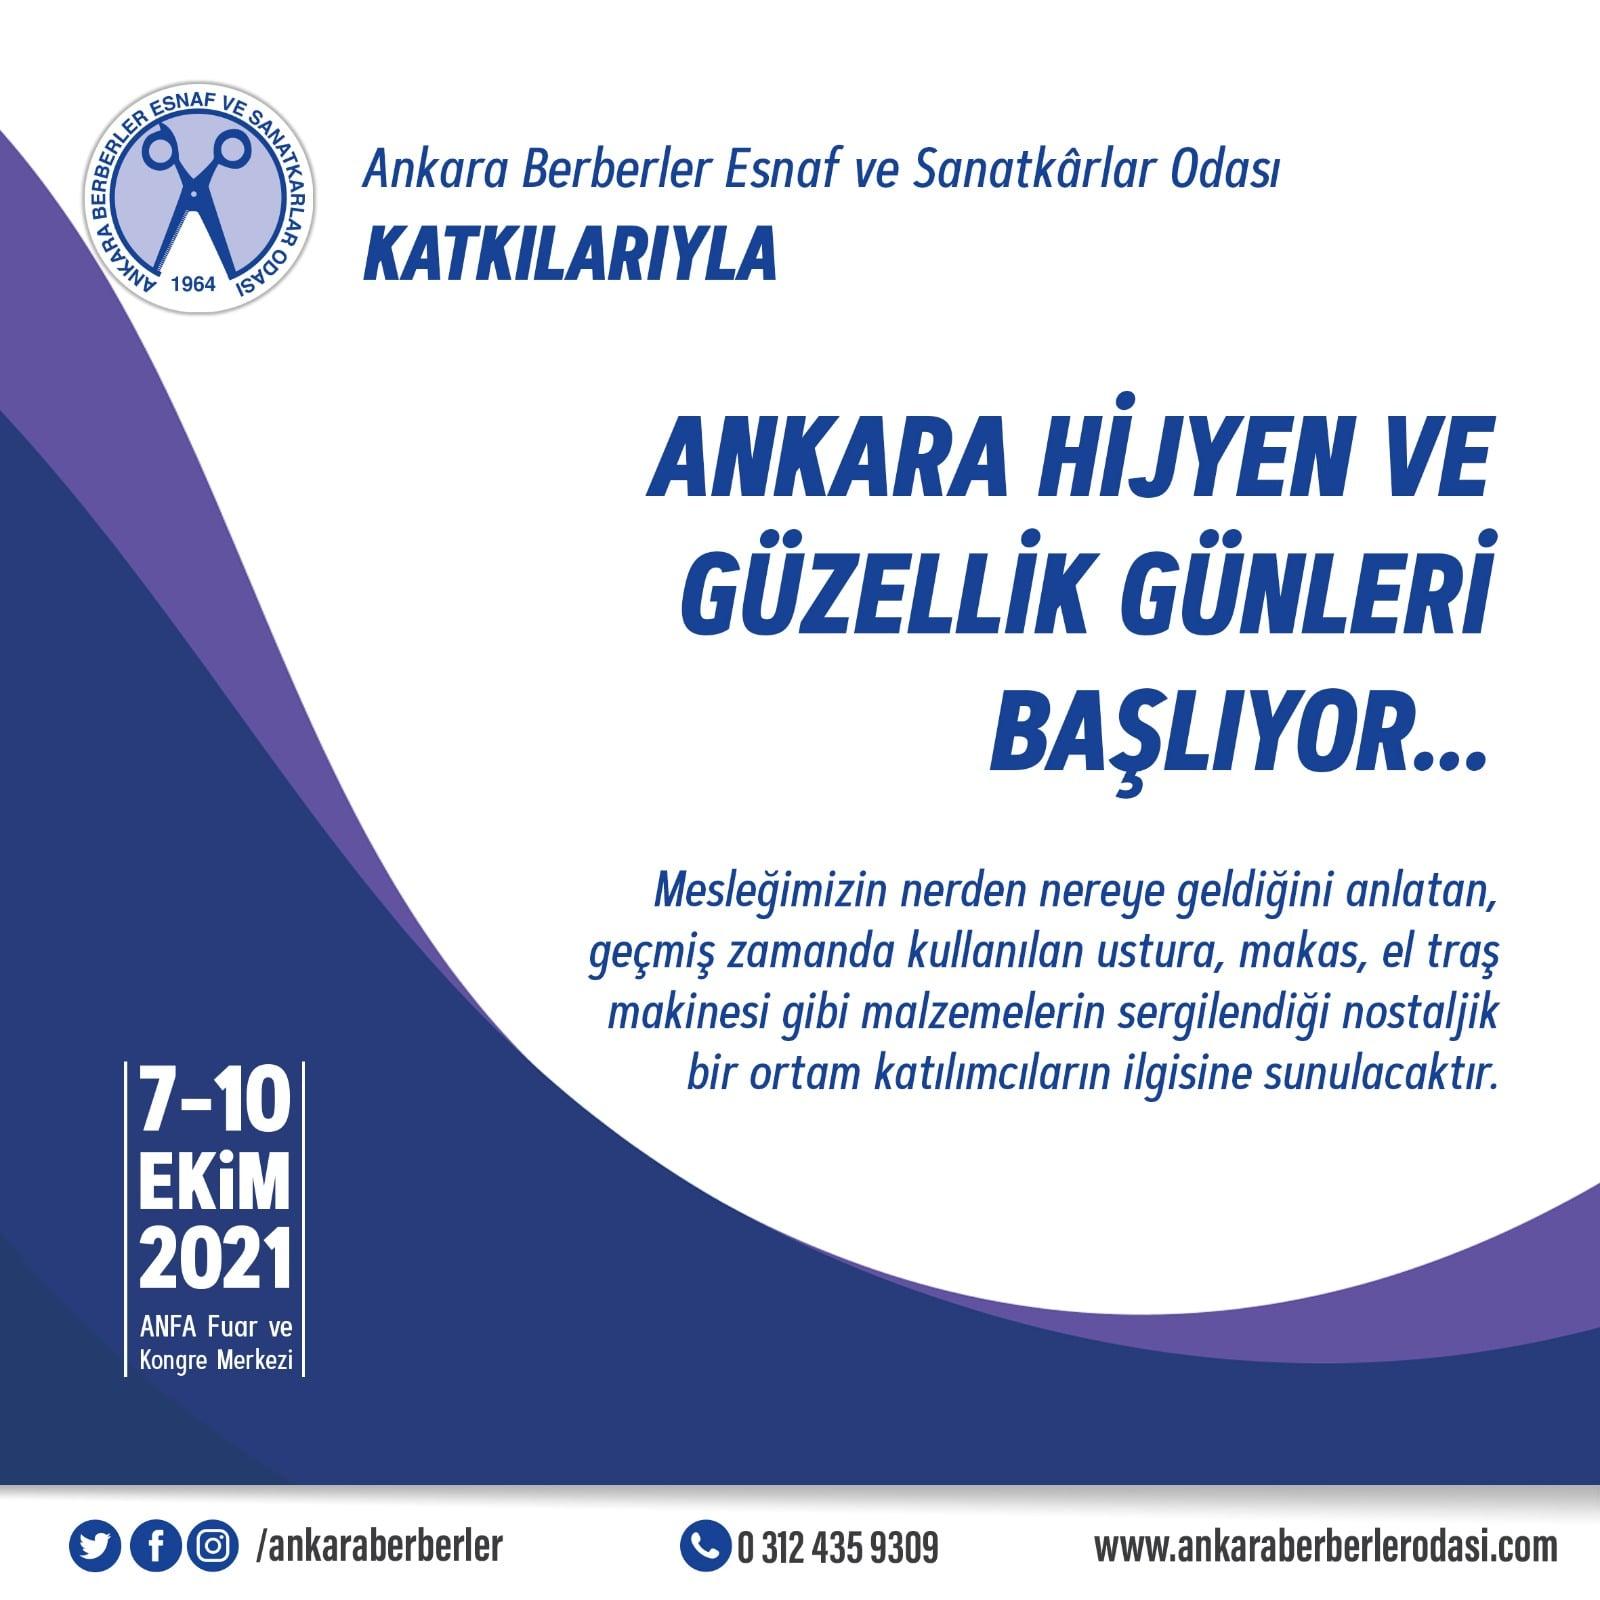 Kozmetik, Hijyen ve Güzellik Günleri Ankara Altınpark 'da